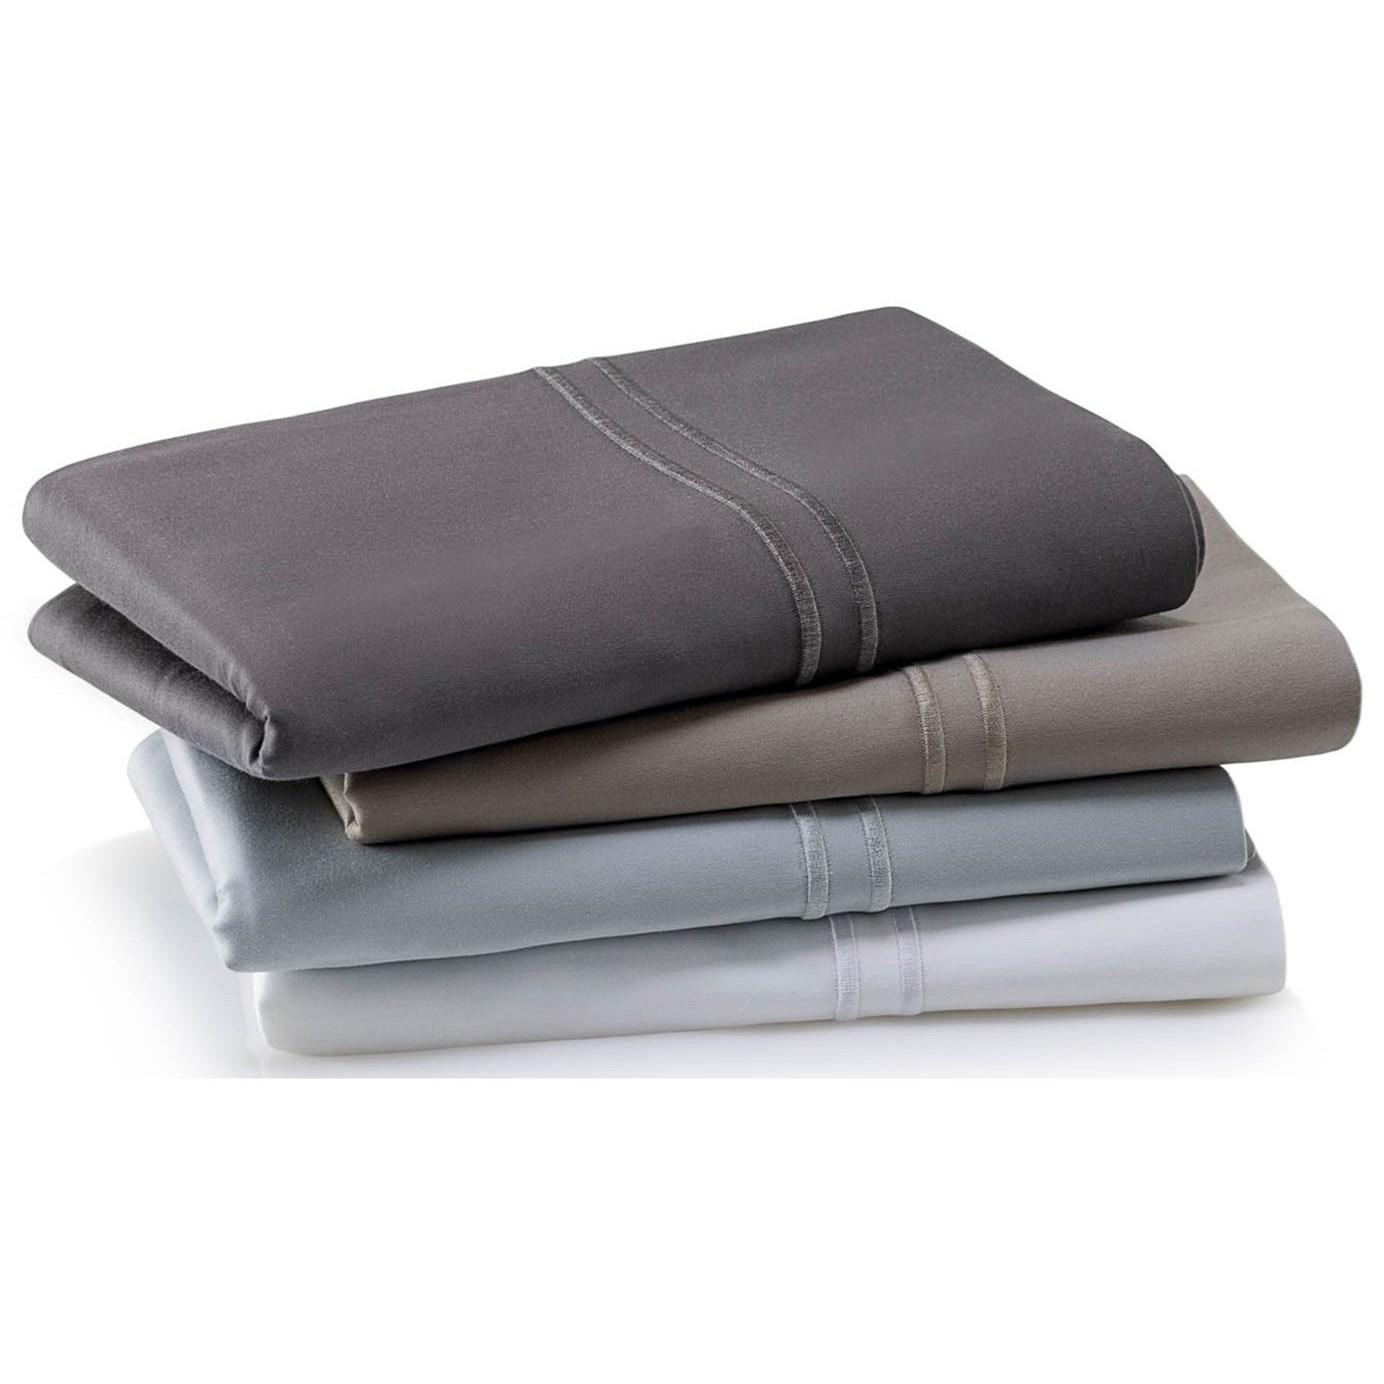 Supima Cotton Charcoal King Pillowcase by Malouf at SlumberWorld